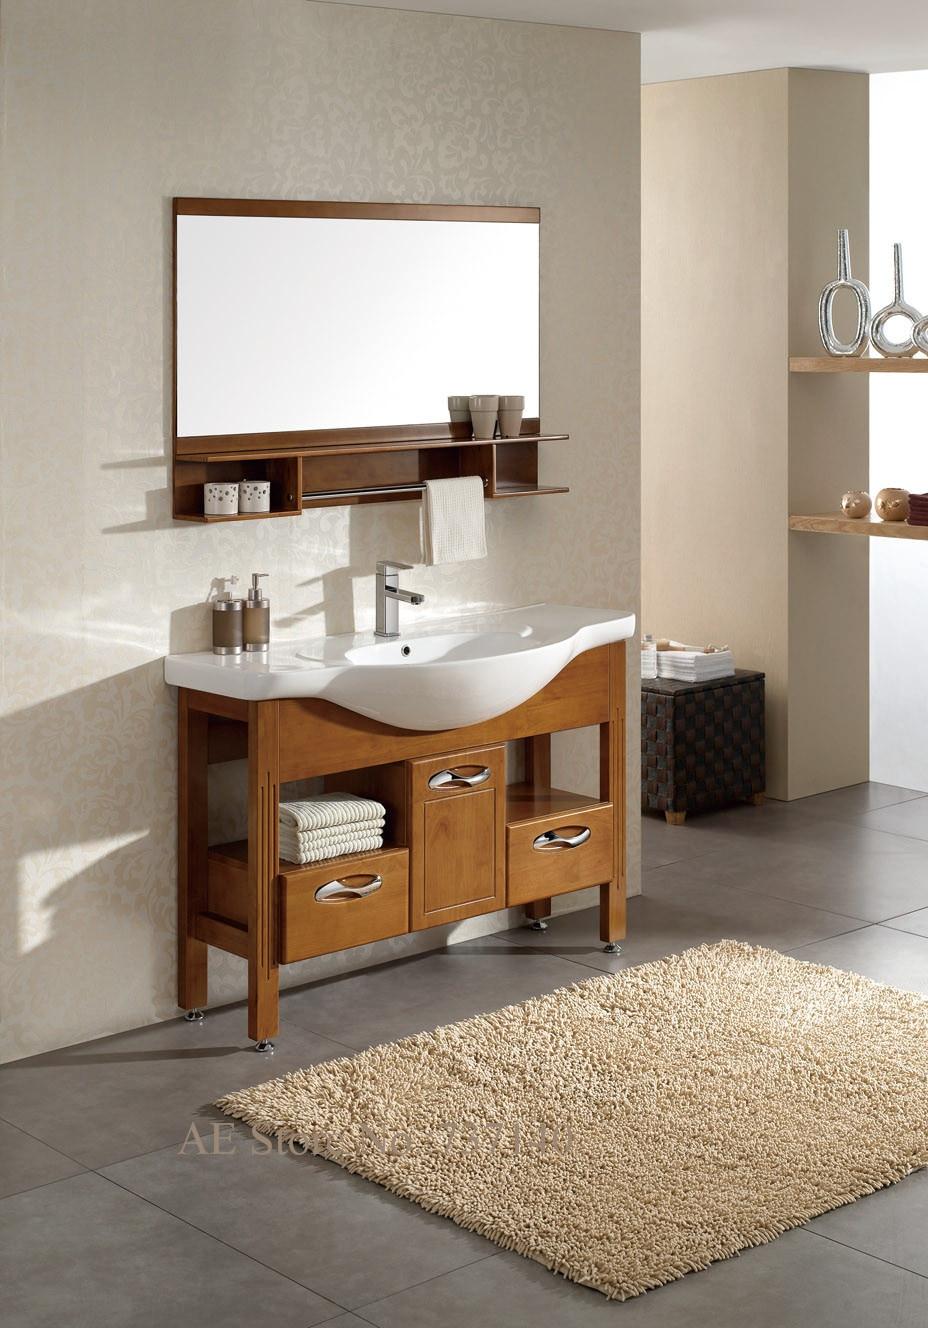 Mobile Lavabo Bagno Prezzi | Mobili Bagno Ikea